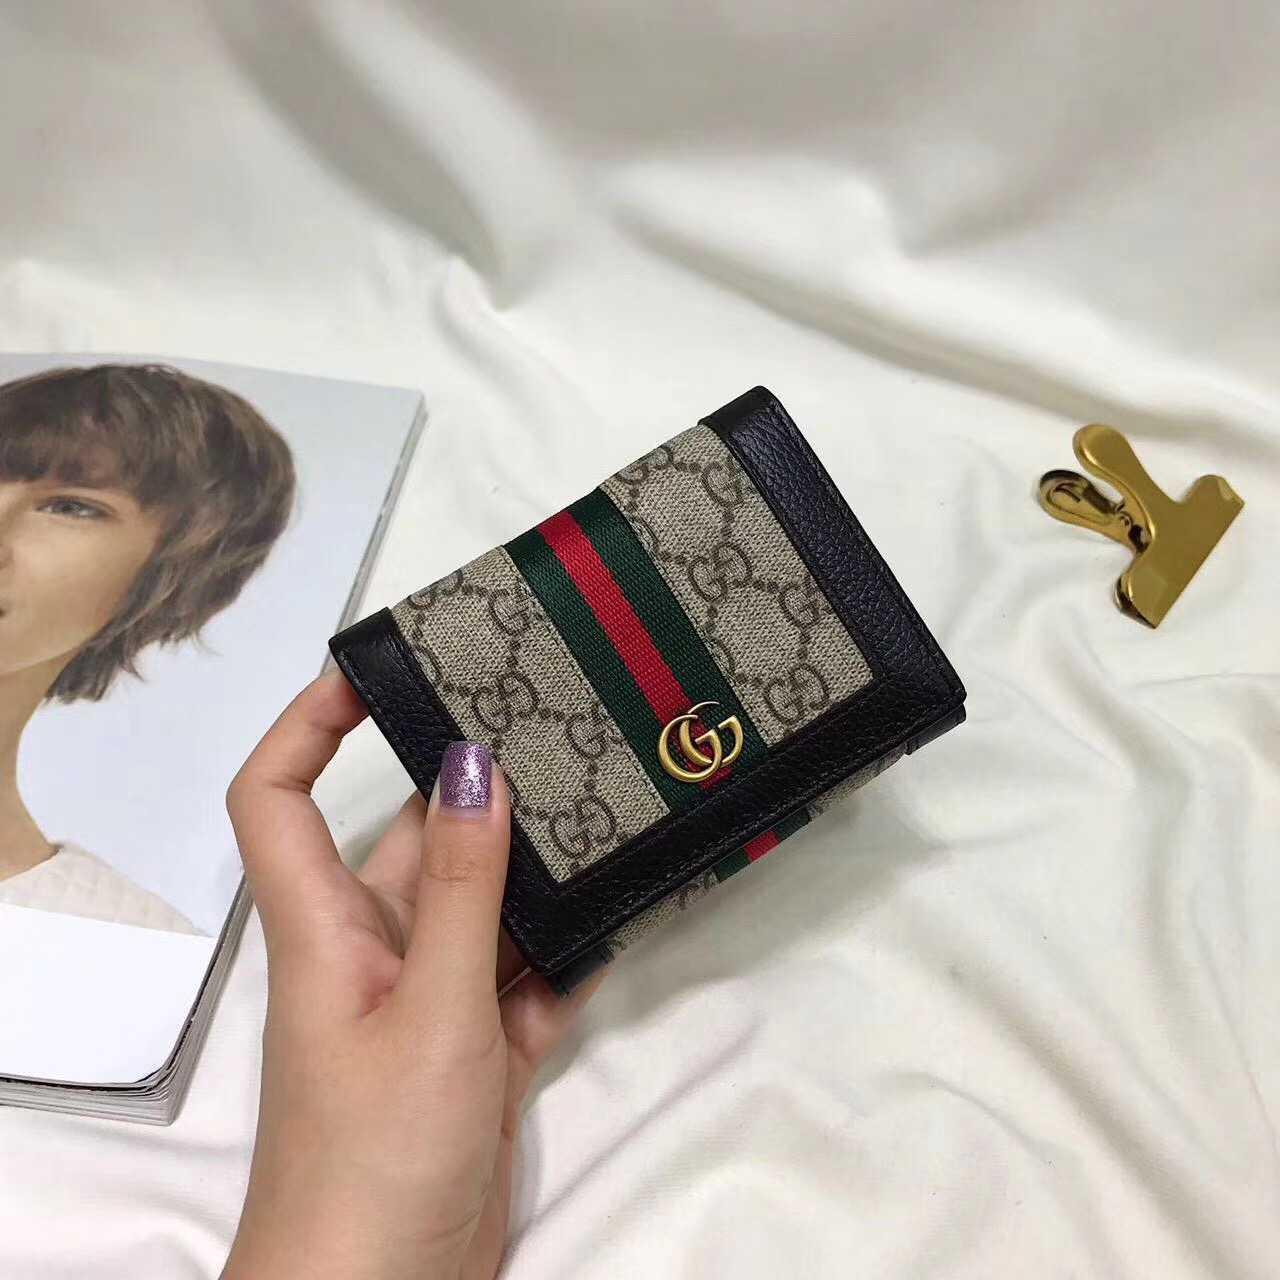 5a112d6c8e57 Gucci_ブランド通販、ヴィトン コピー、スーパーコピー、レプリカ、財布 ...